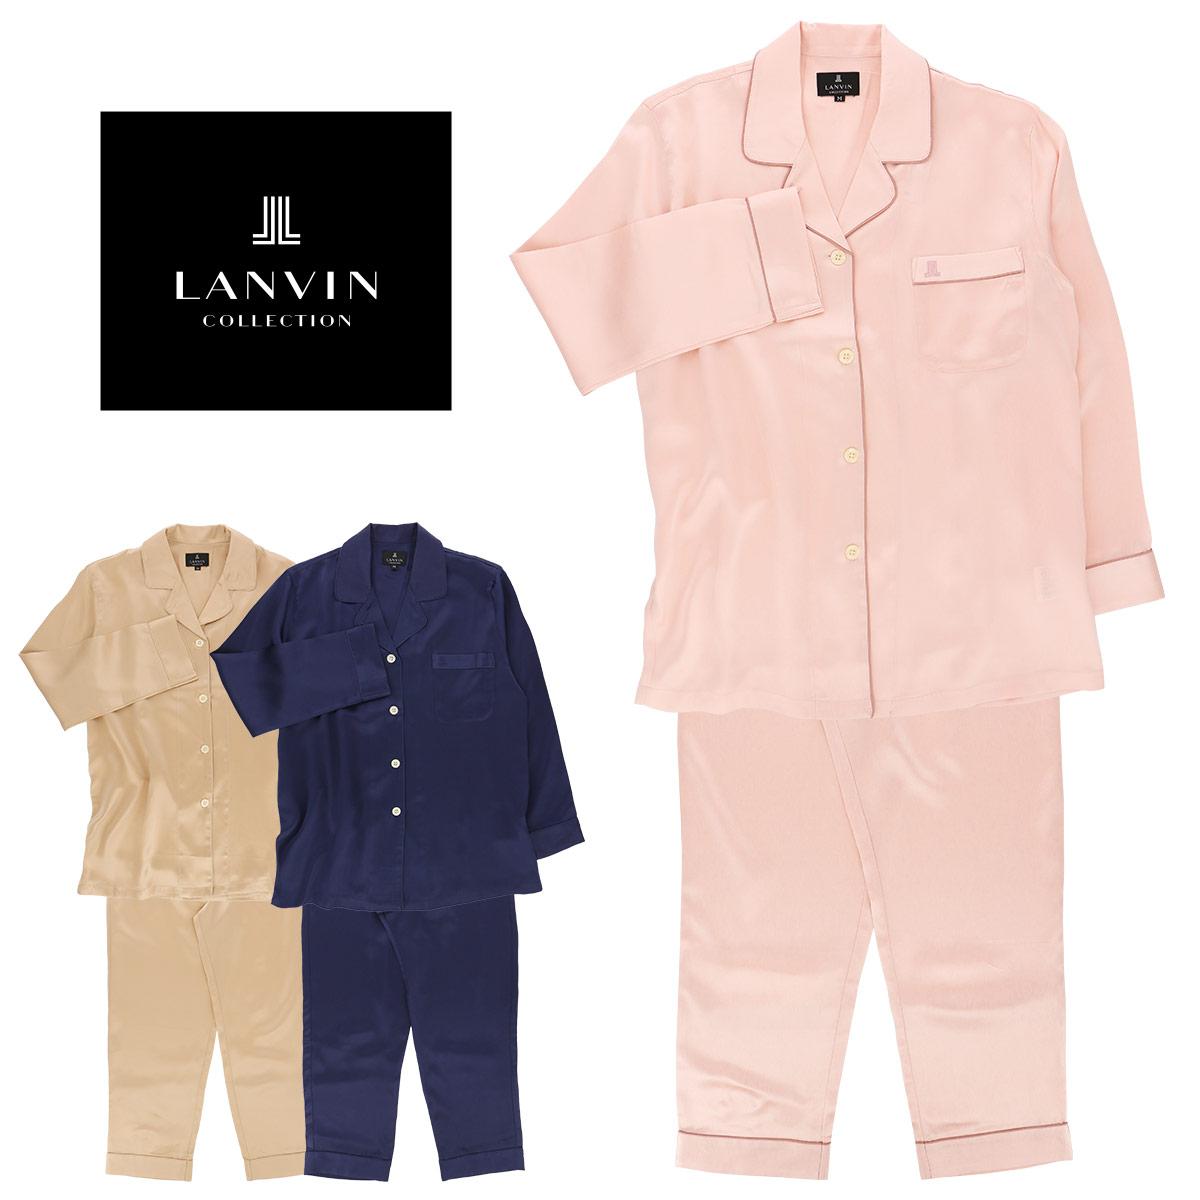 LANVIN COLLECTION ランバン コレクション シルク100% 長袖 レディース パジャマ Mサイズ 73044362【ゆうパケットお取り扱い不可】